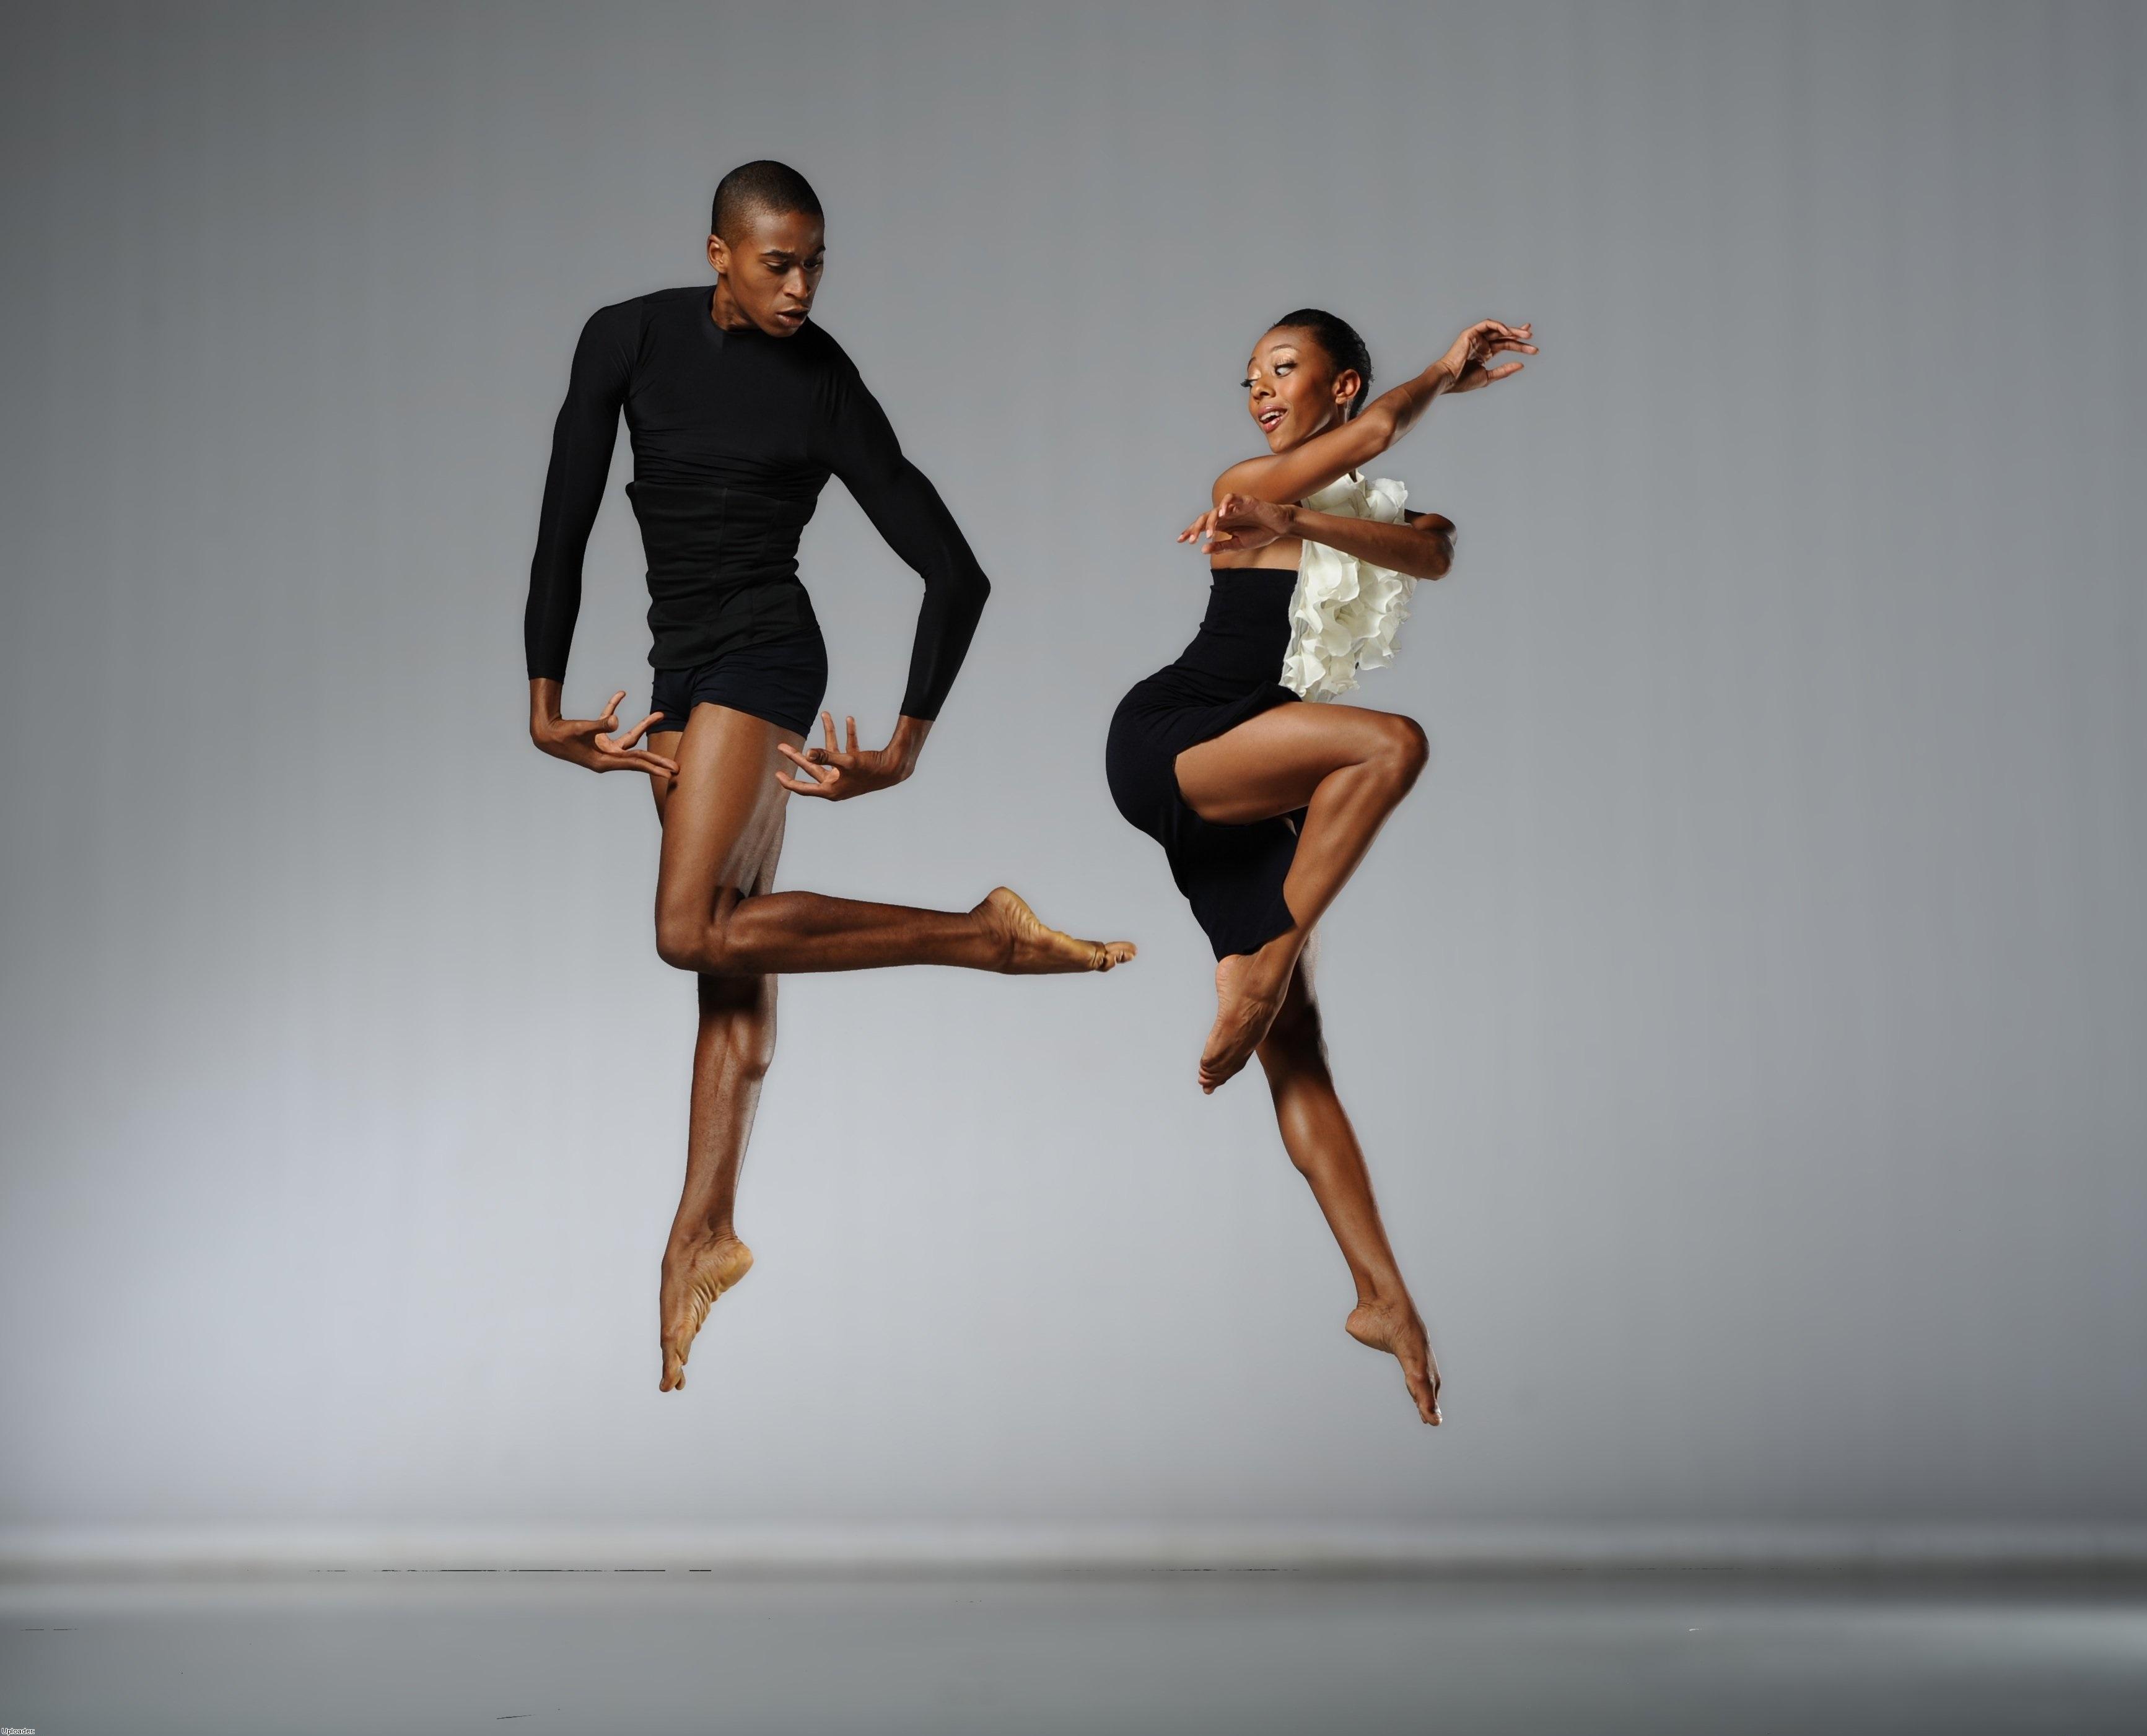 Contemporary dance wallpaper 3466x2803 117937 WallpaperUP 3466x2803